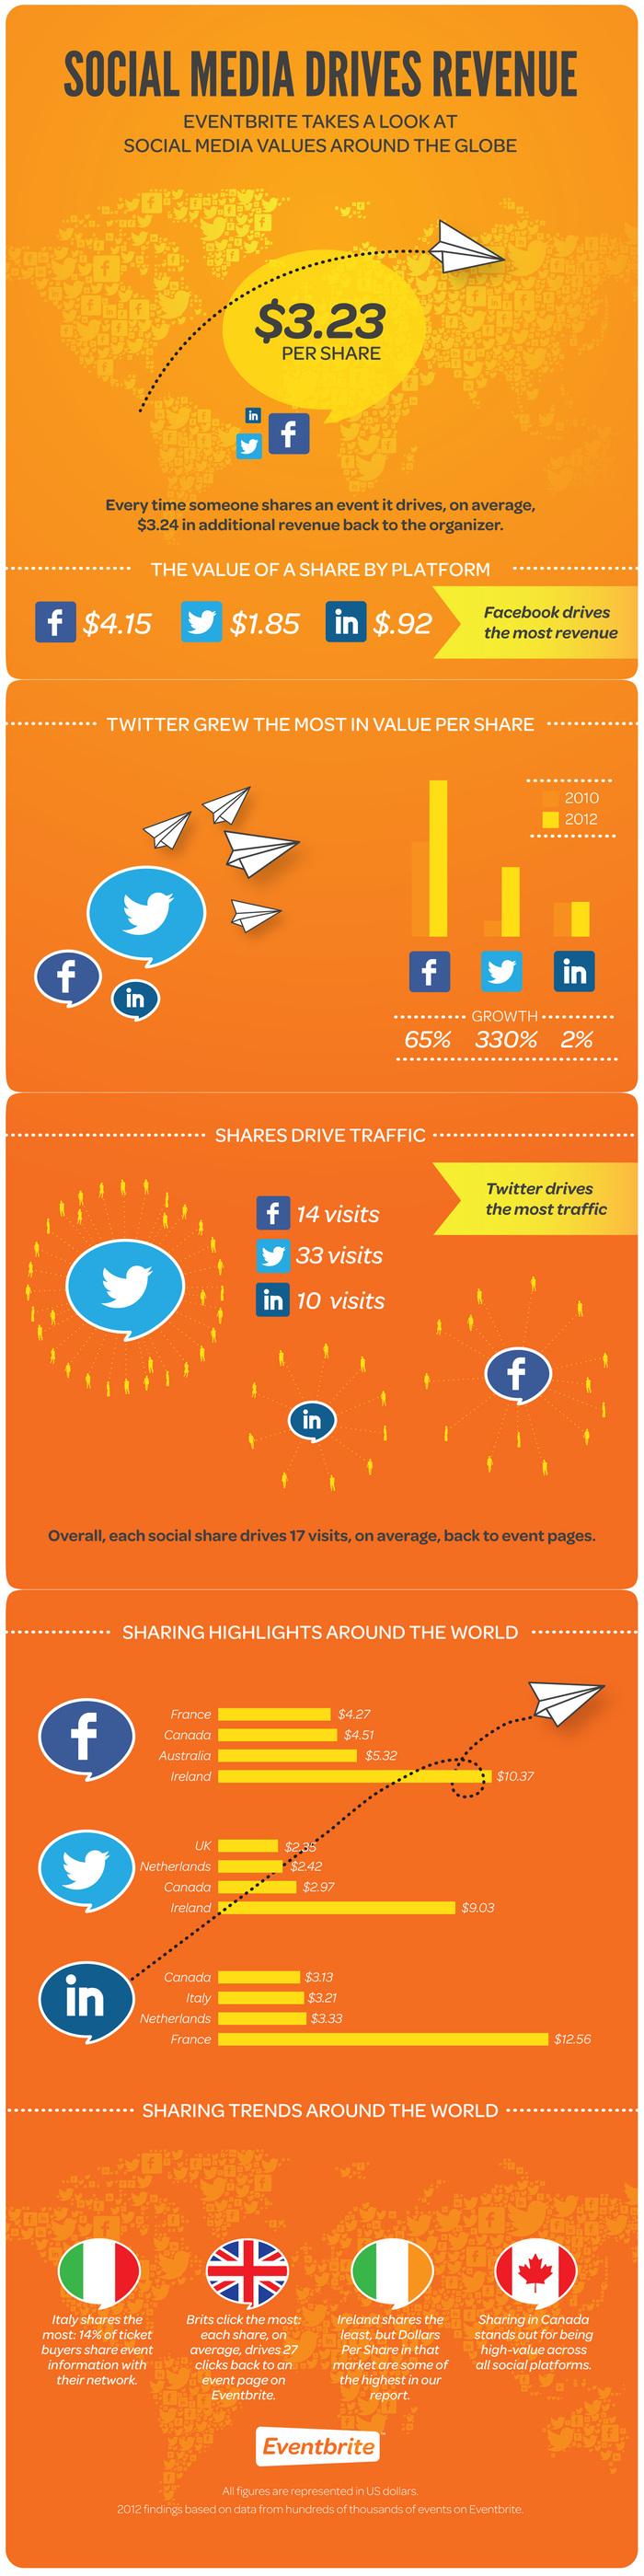 Social-Commerce-2012.jpg